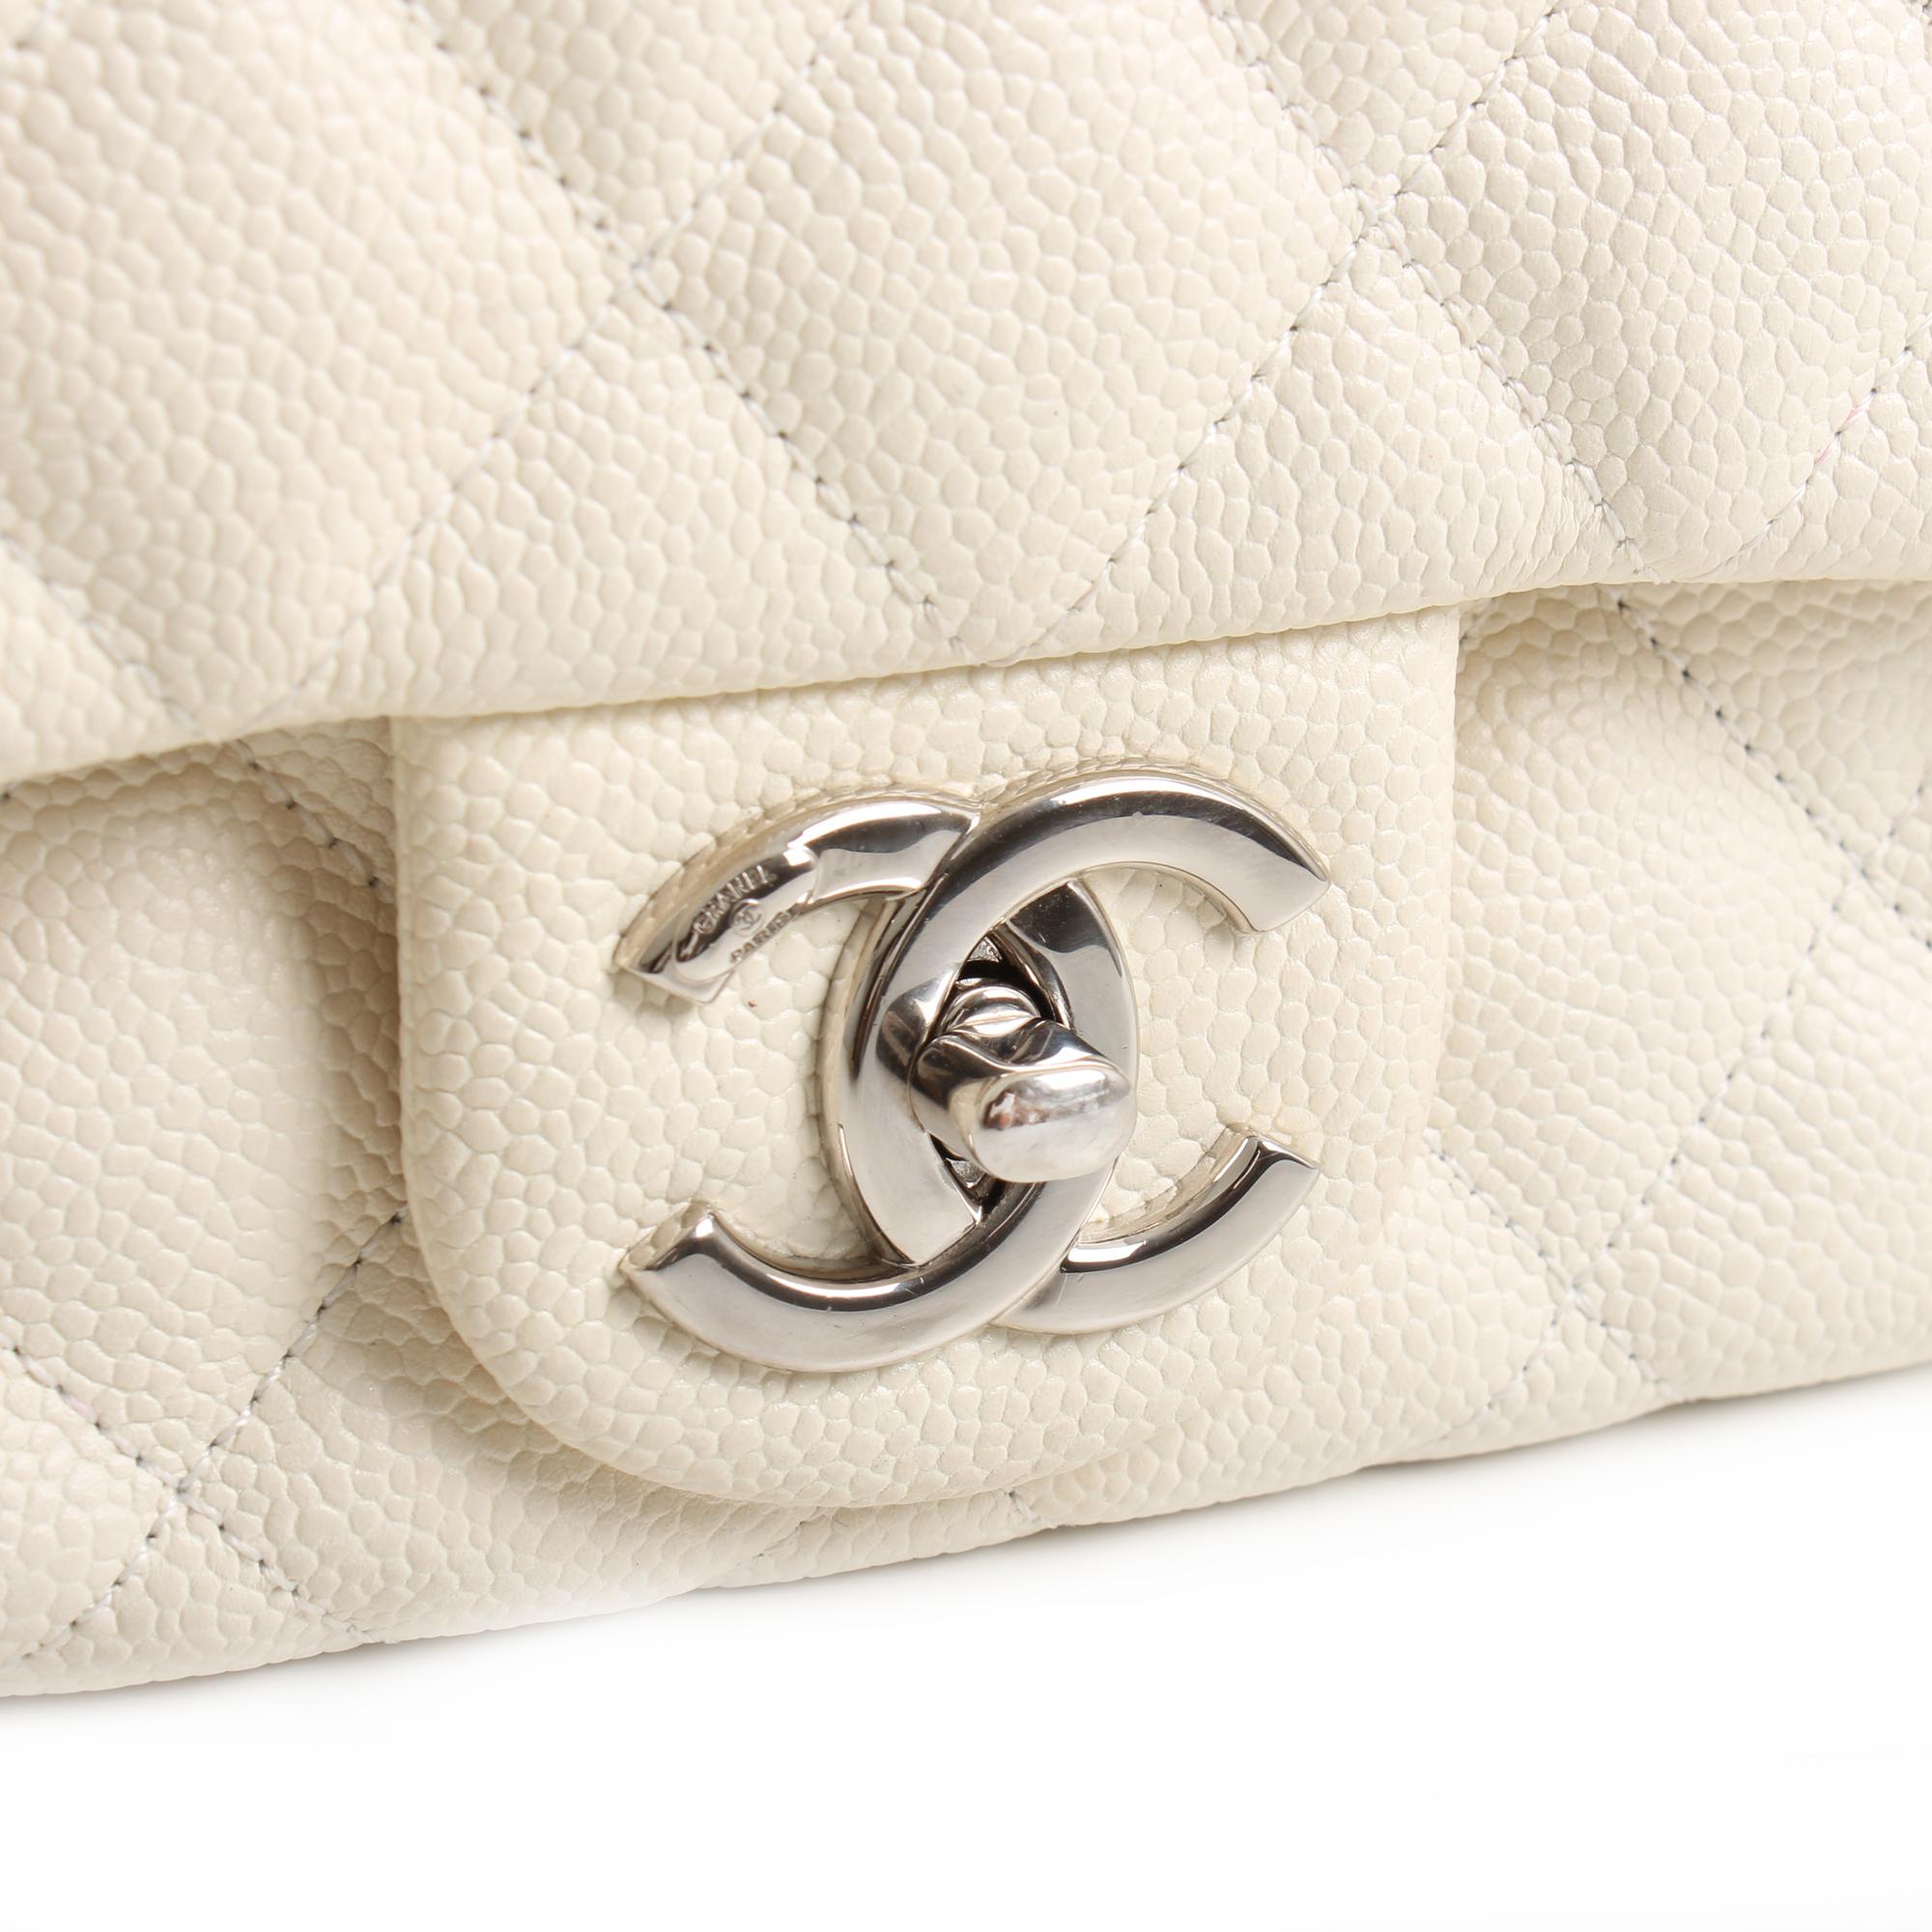 bolso chanel easy zip mediano piel caviar blanca herraje